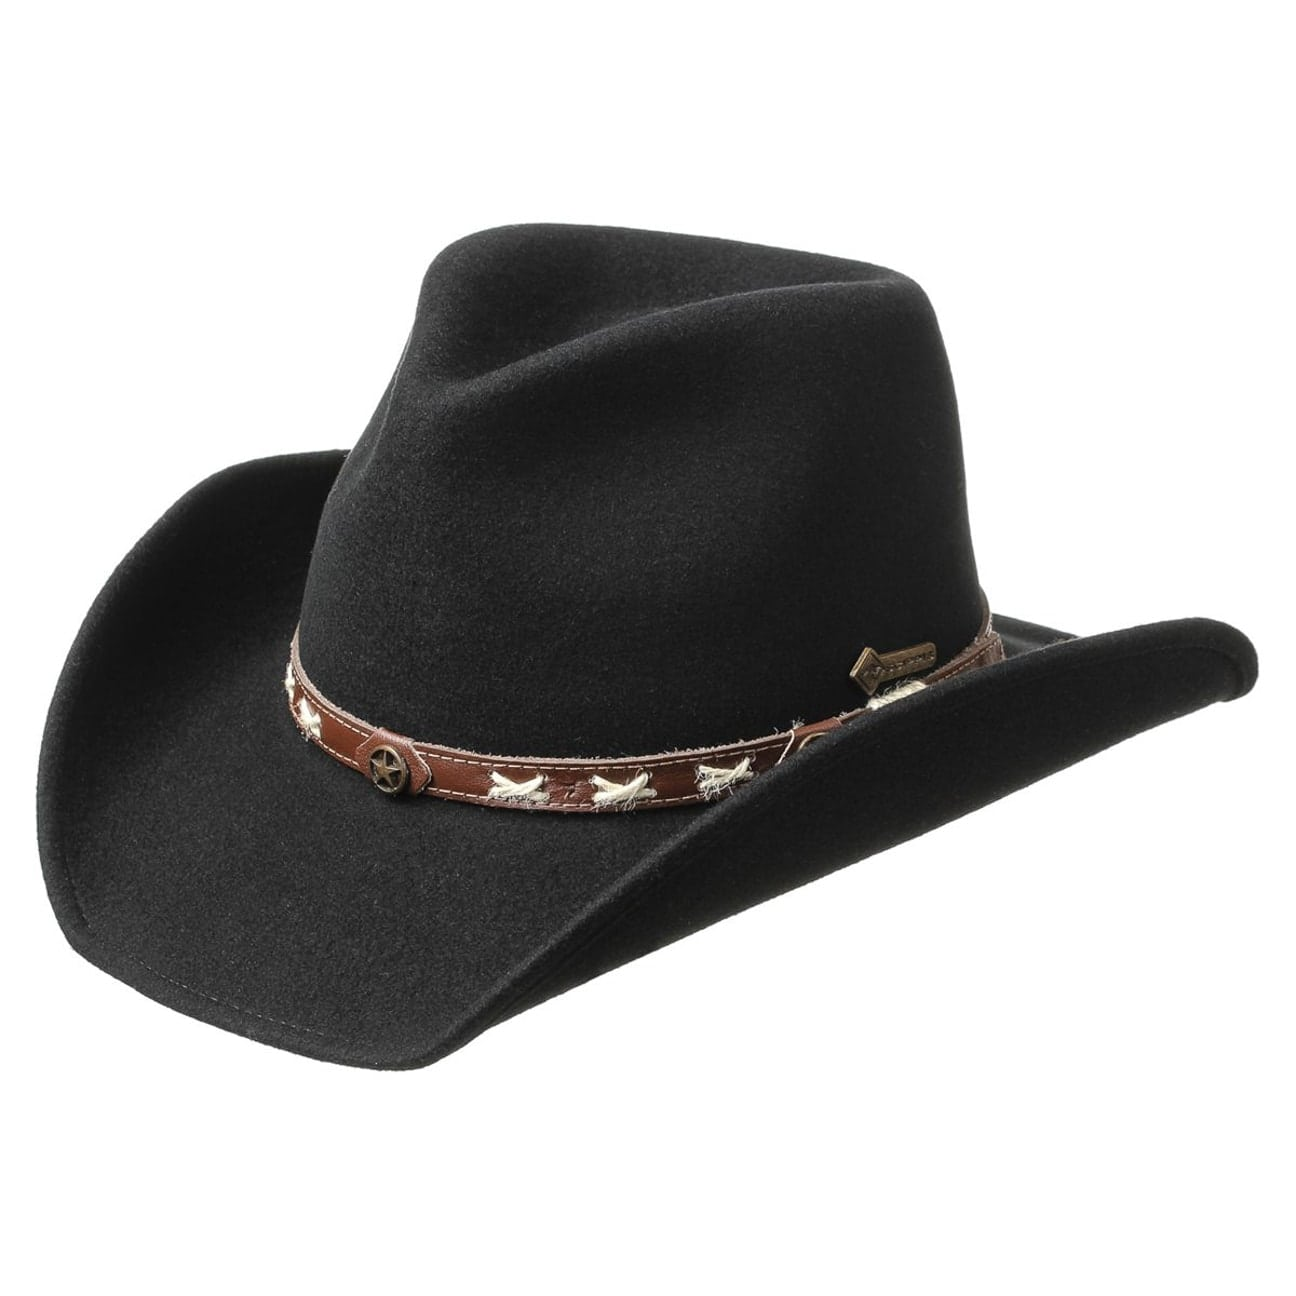 Chapeau Smokey Ranger by Scippis  chapeau en laine